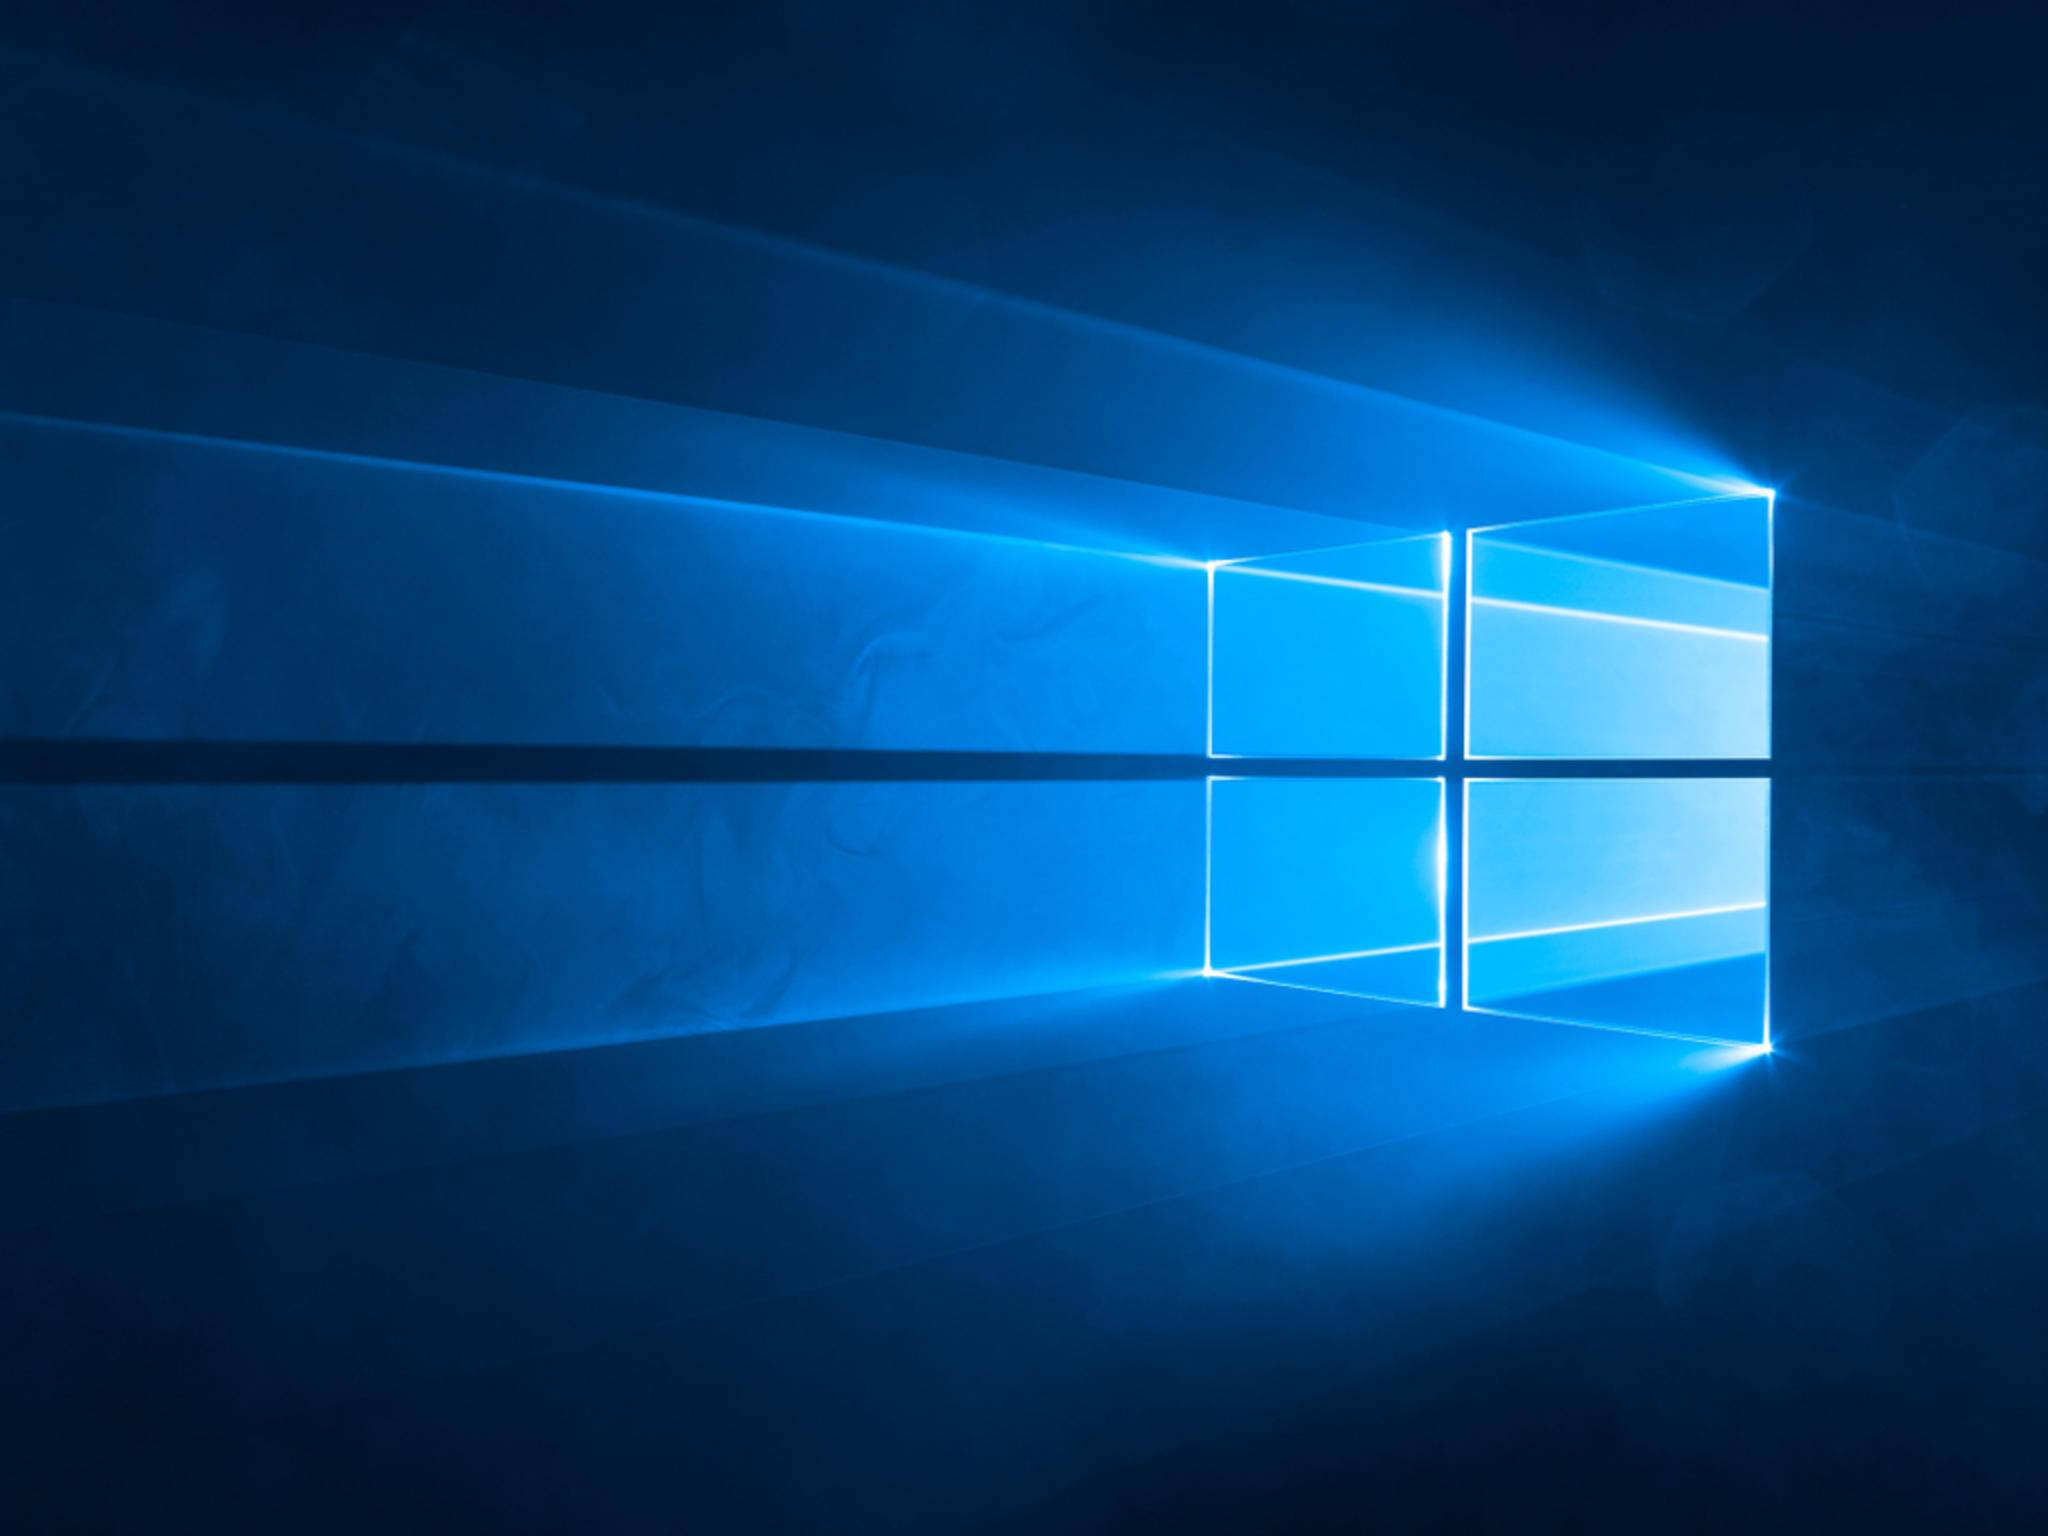 Geht es Raubkopierern mit Windows 10 an den Kragen?